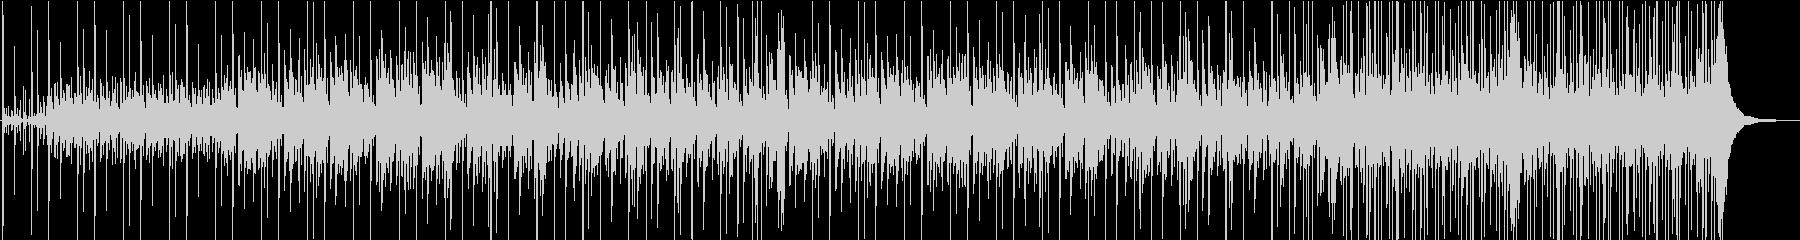 おしゃれな生演奏アコギBGMの未再生の波形